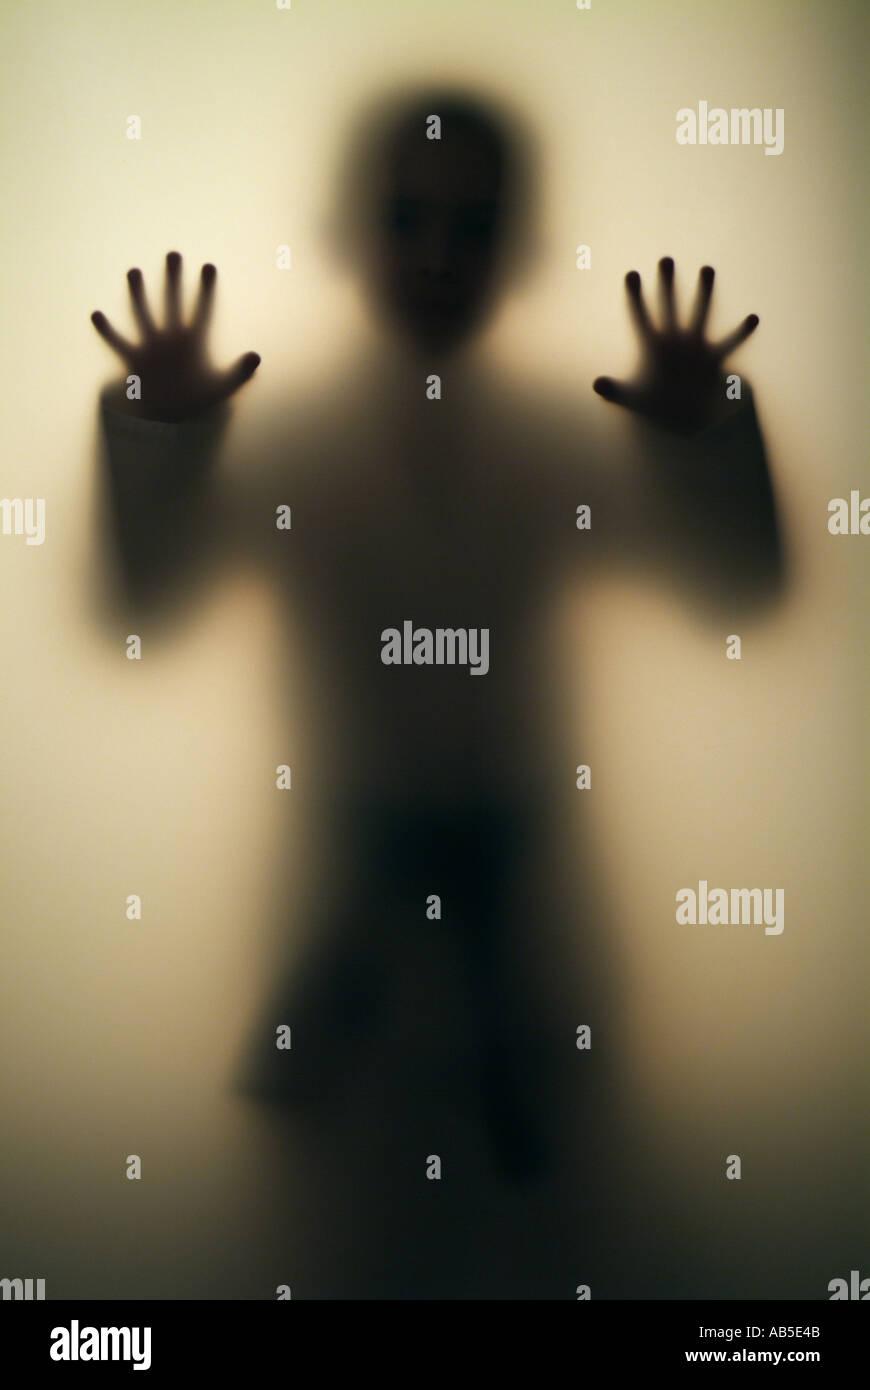 Ragazzo 7, 8, 9, 10, 11, 12, 13, 14 anni figura dietro la parete trasparente Immagini Stock